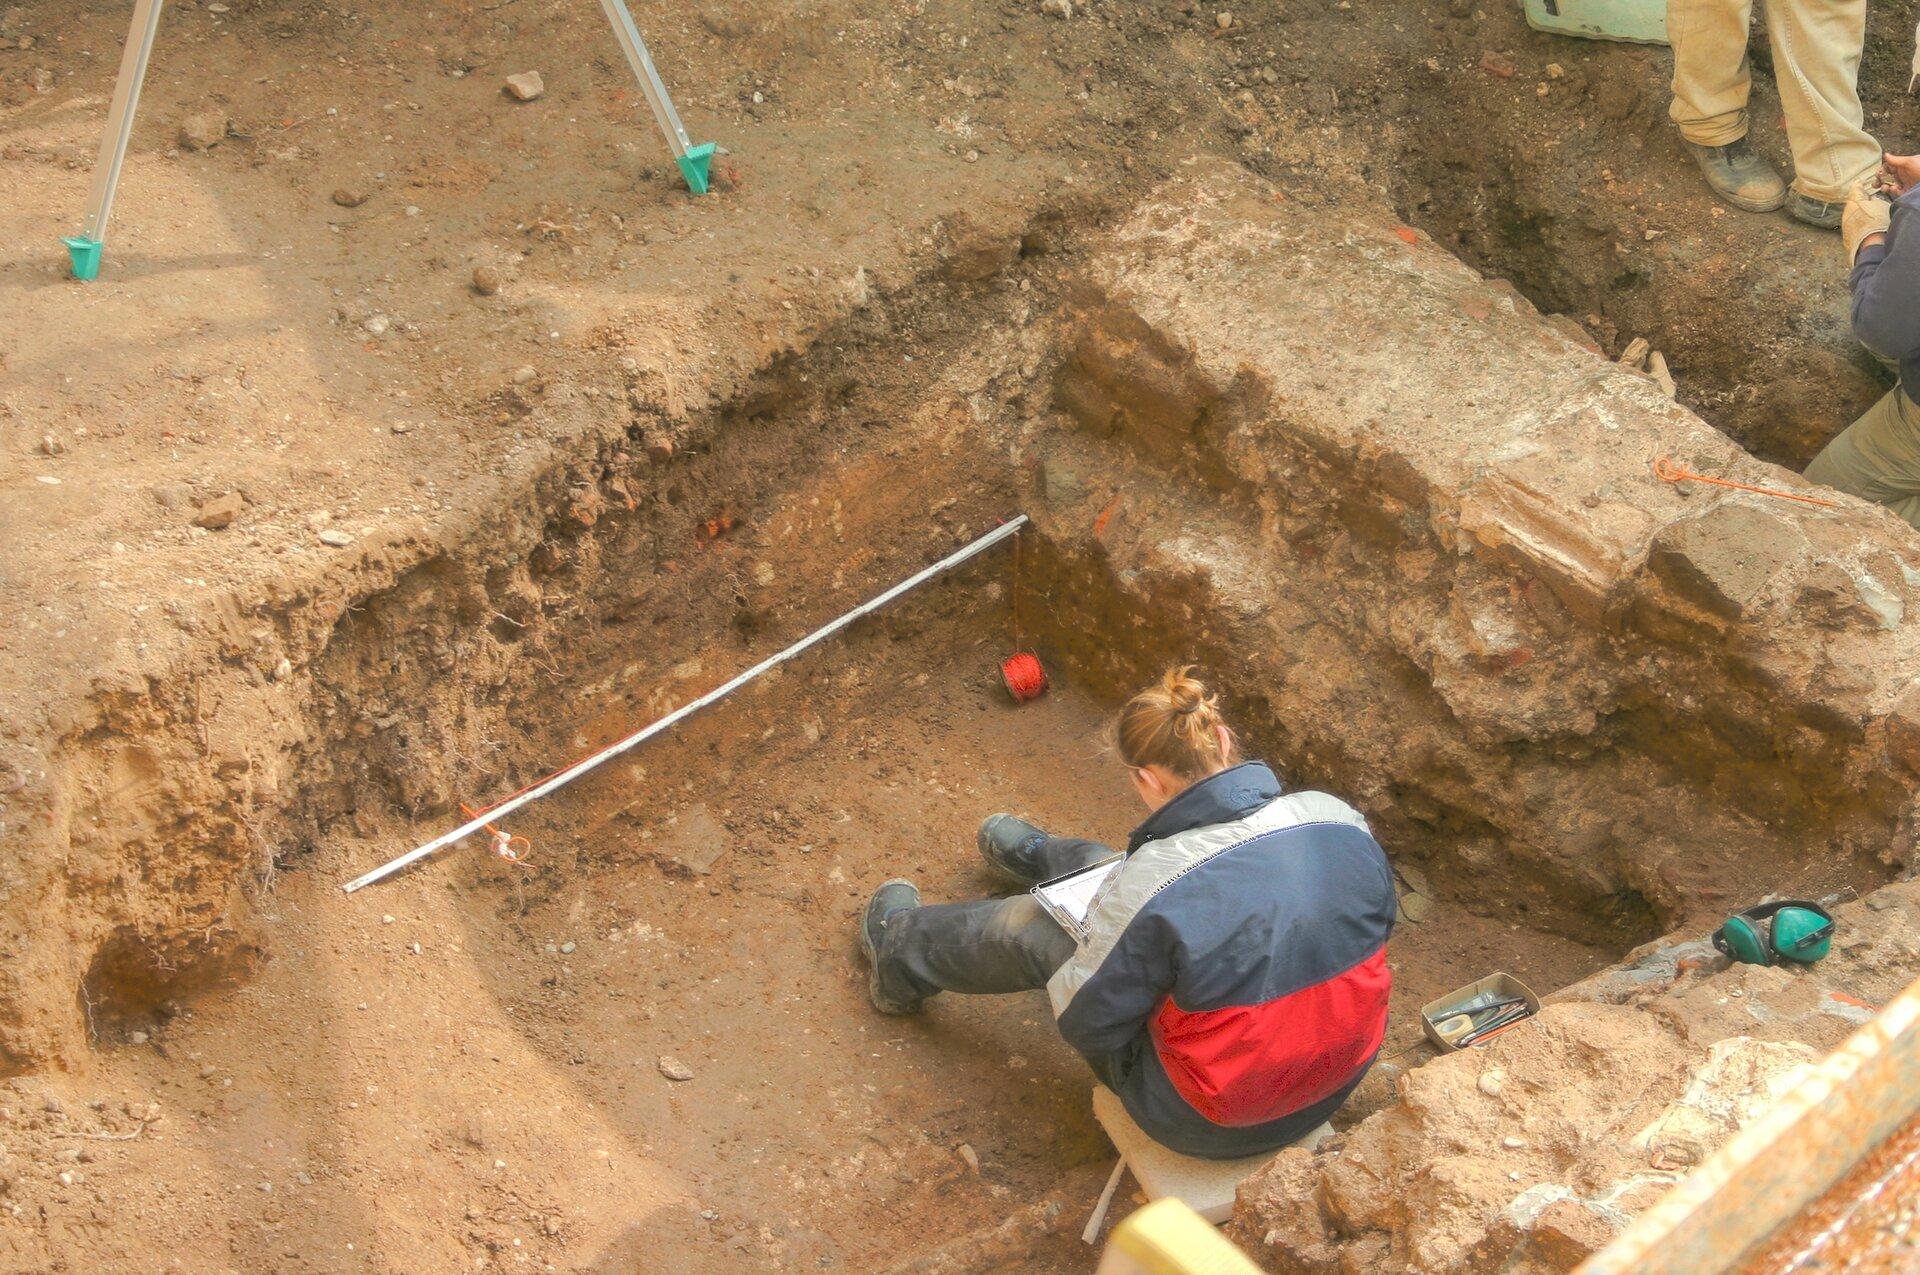 Praca archeologa Praca archeologa Źródło: Raimond Spekking, Wikimedia Commons, licencja: CC BY-SA 4.0.